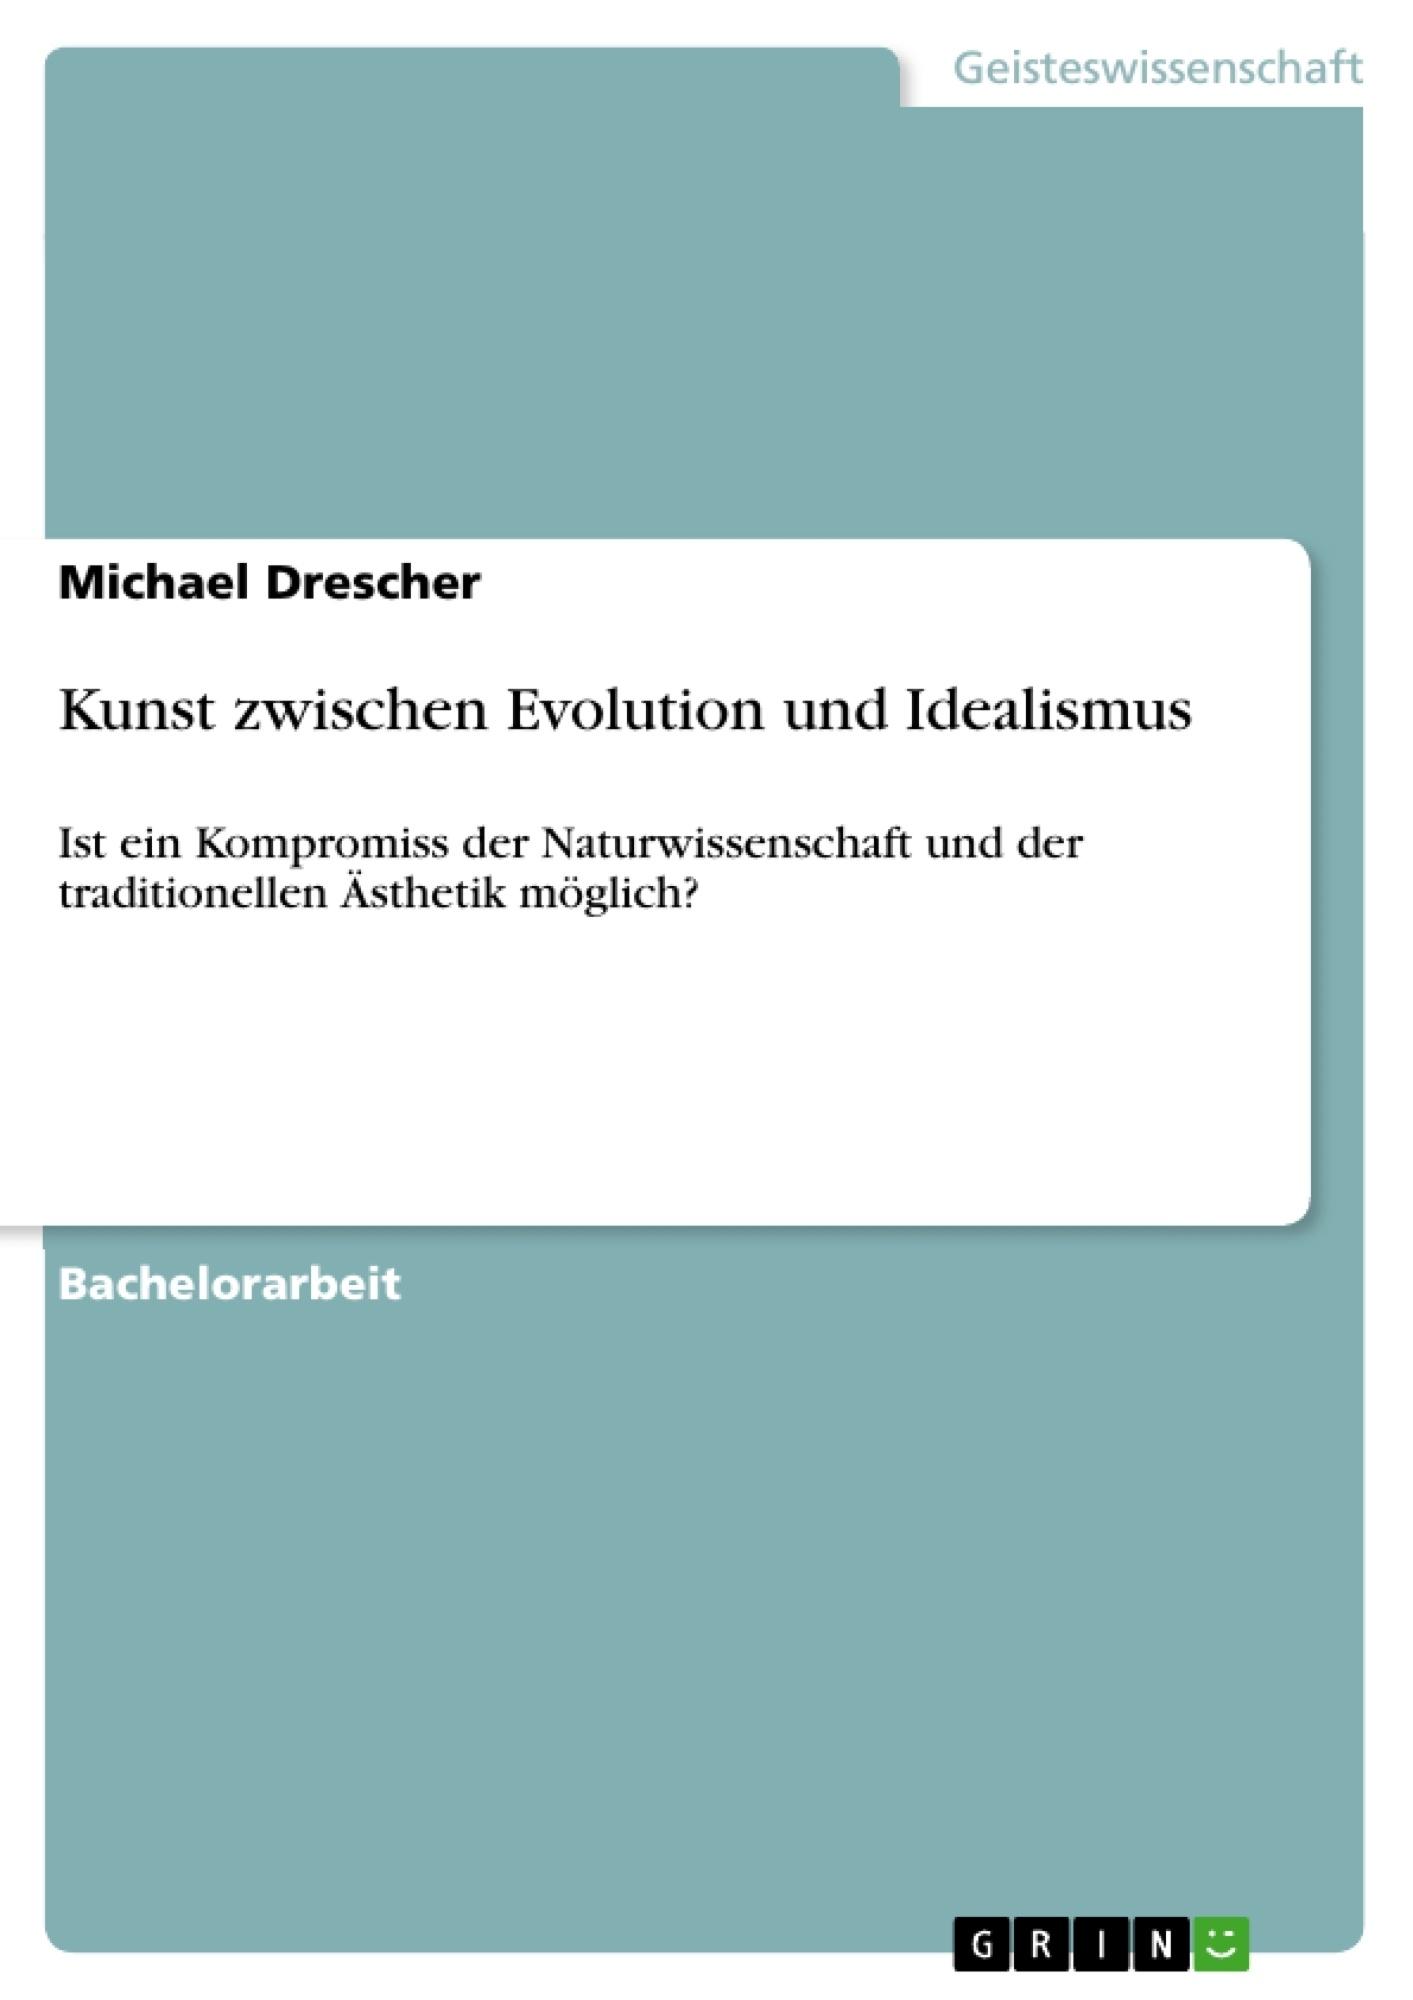 Titel: Kunst zwischen Evolution und Idealismus